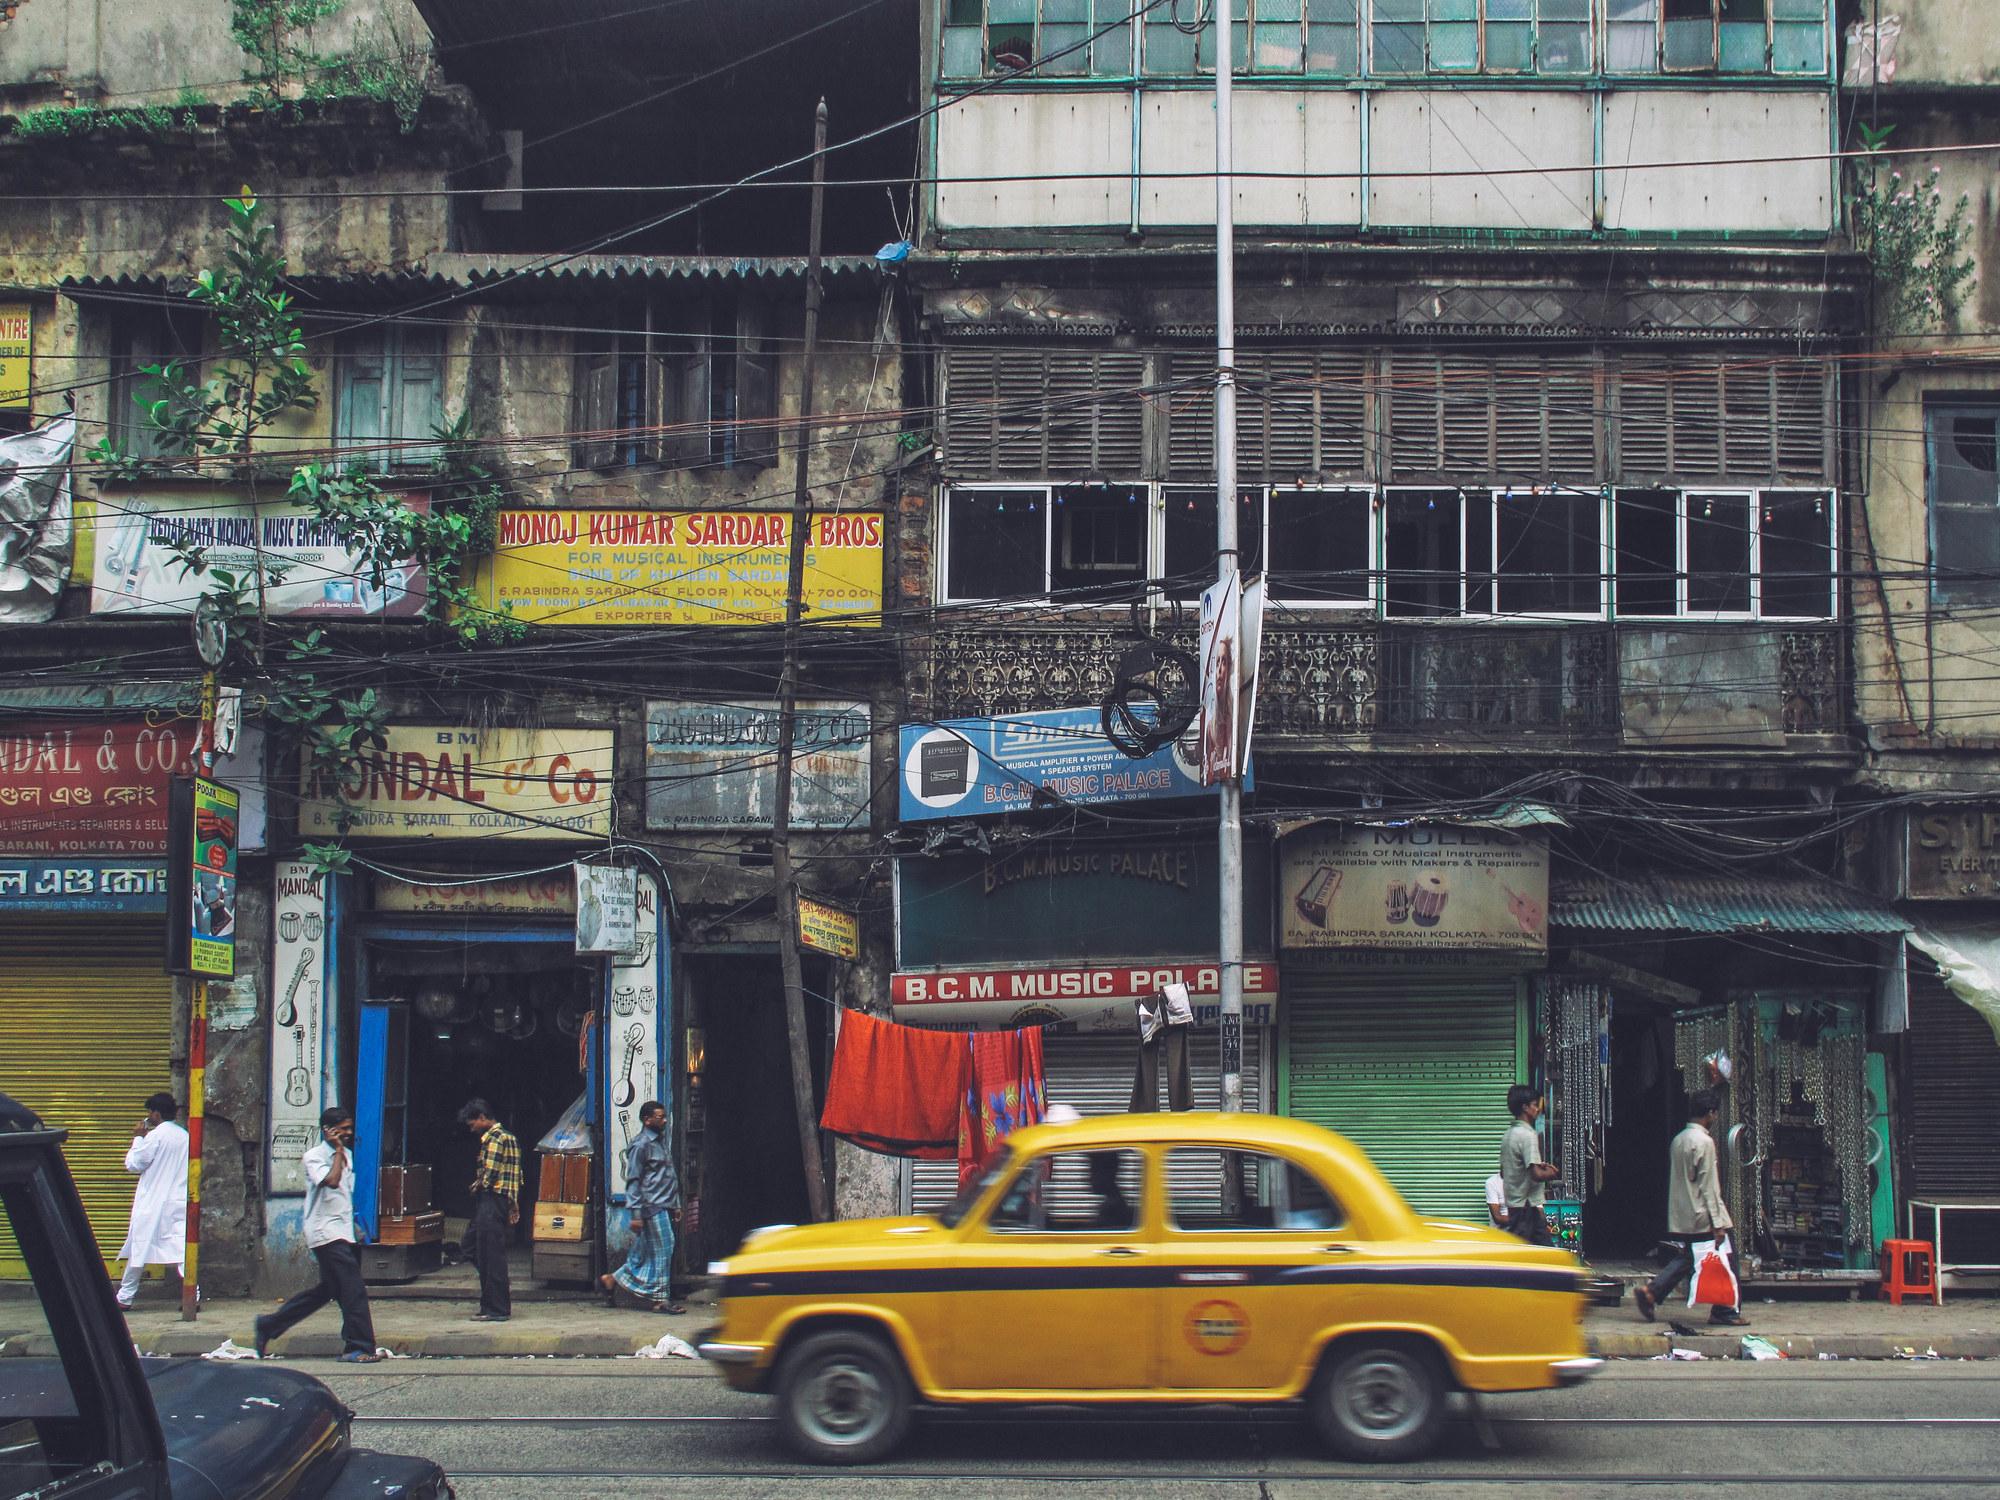 A taxicab on a city street